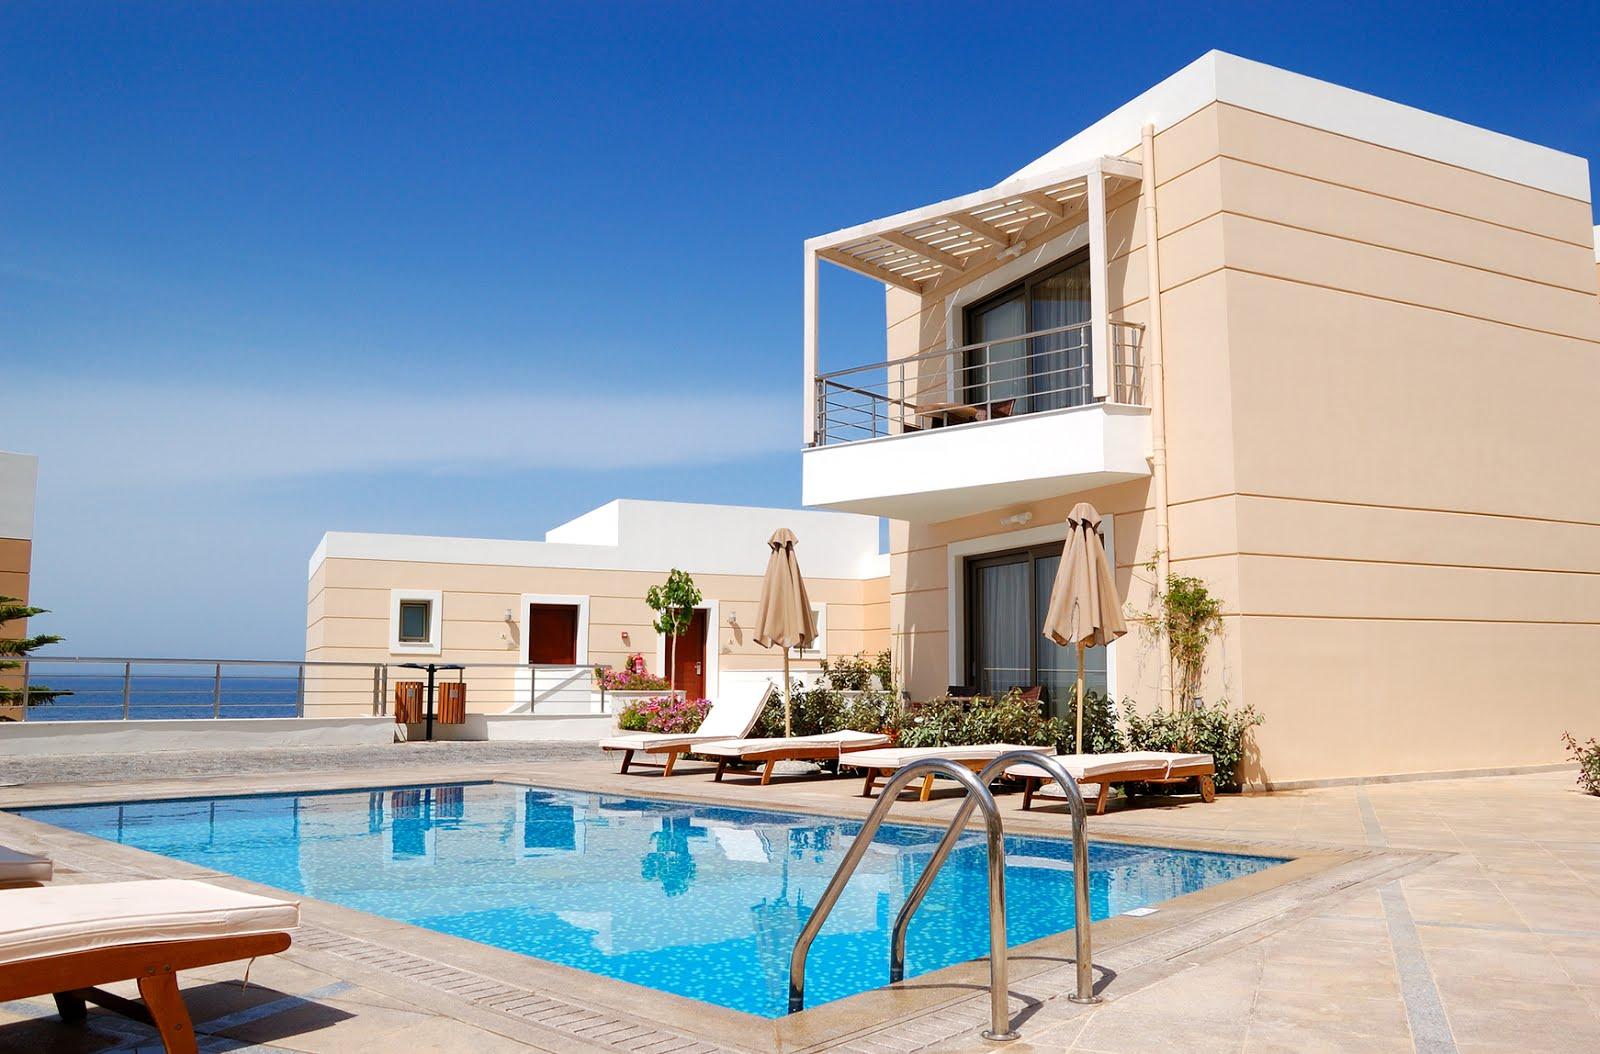 Banco de im genes residencia junto a la playa con hermosa - Casa vacanze con piscina privata ...